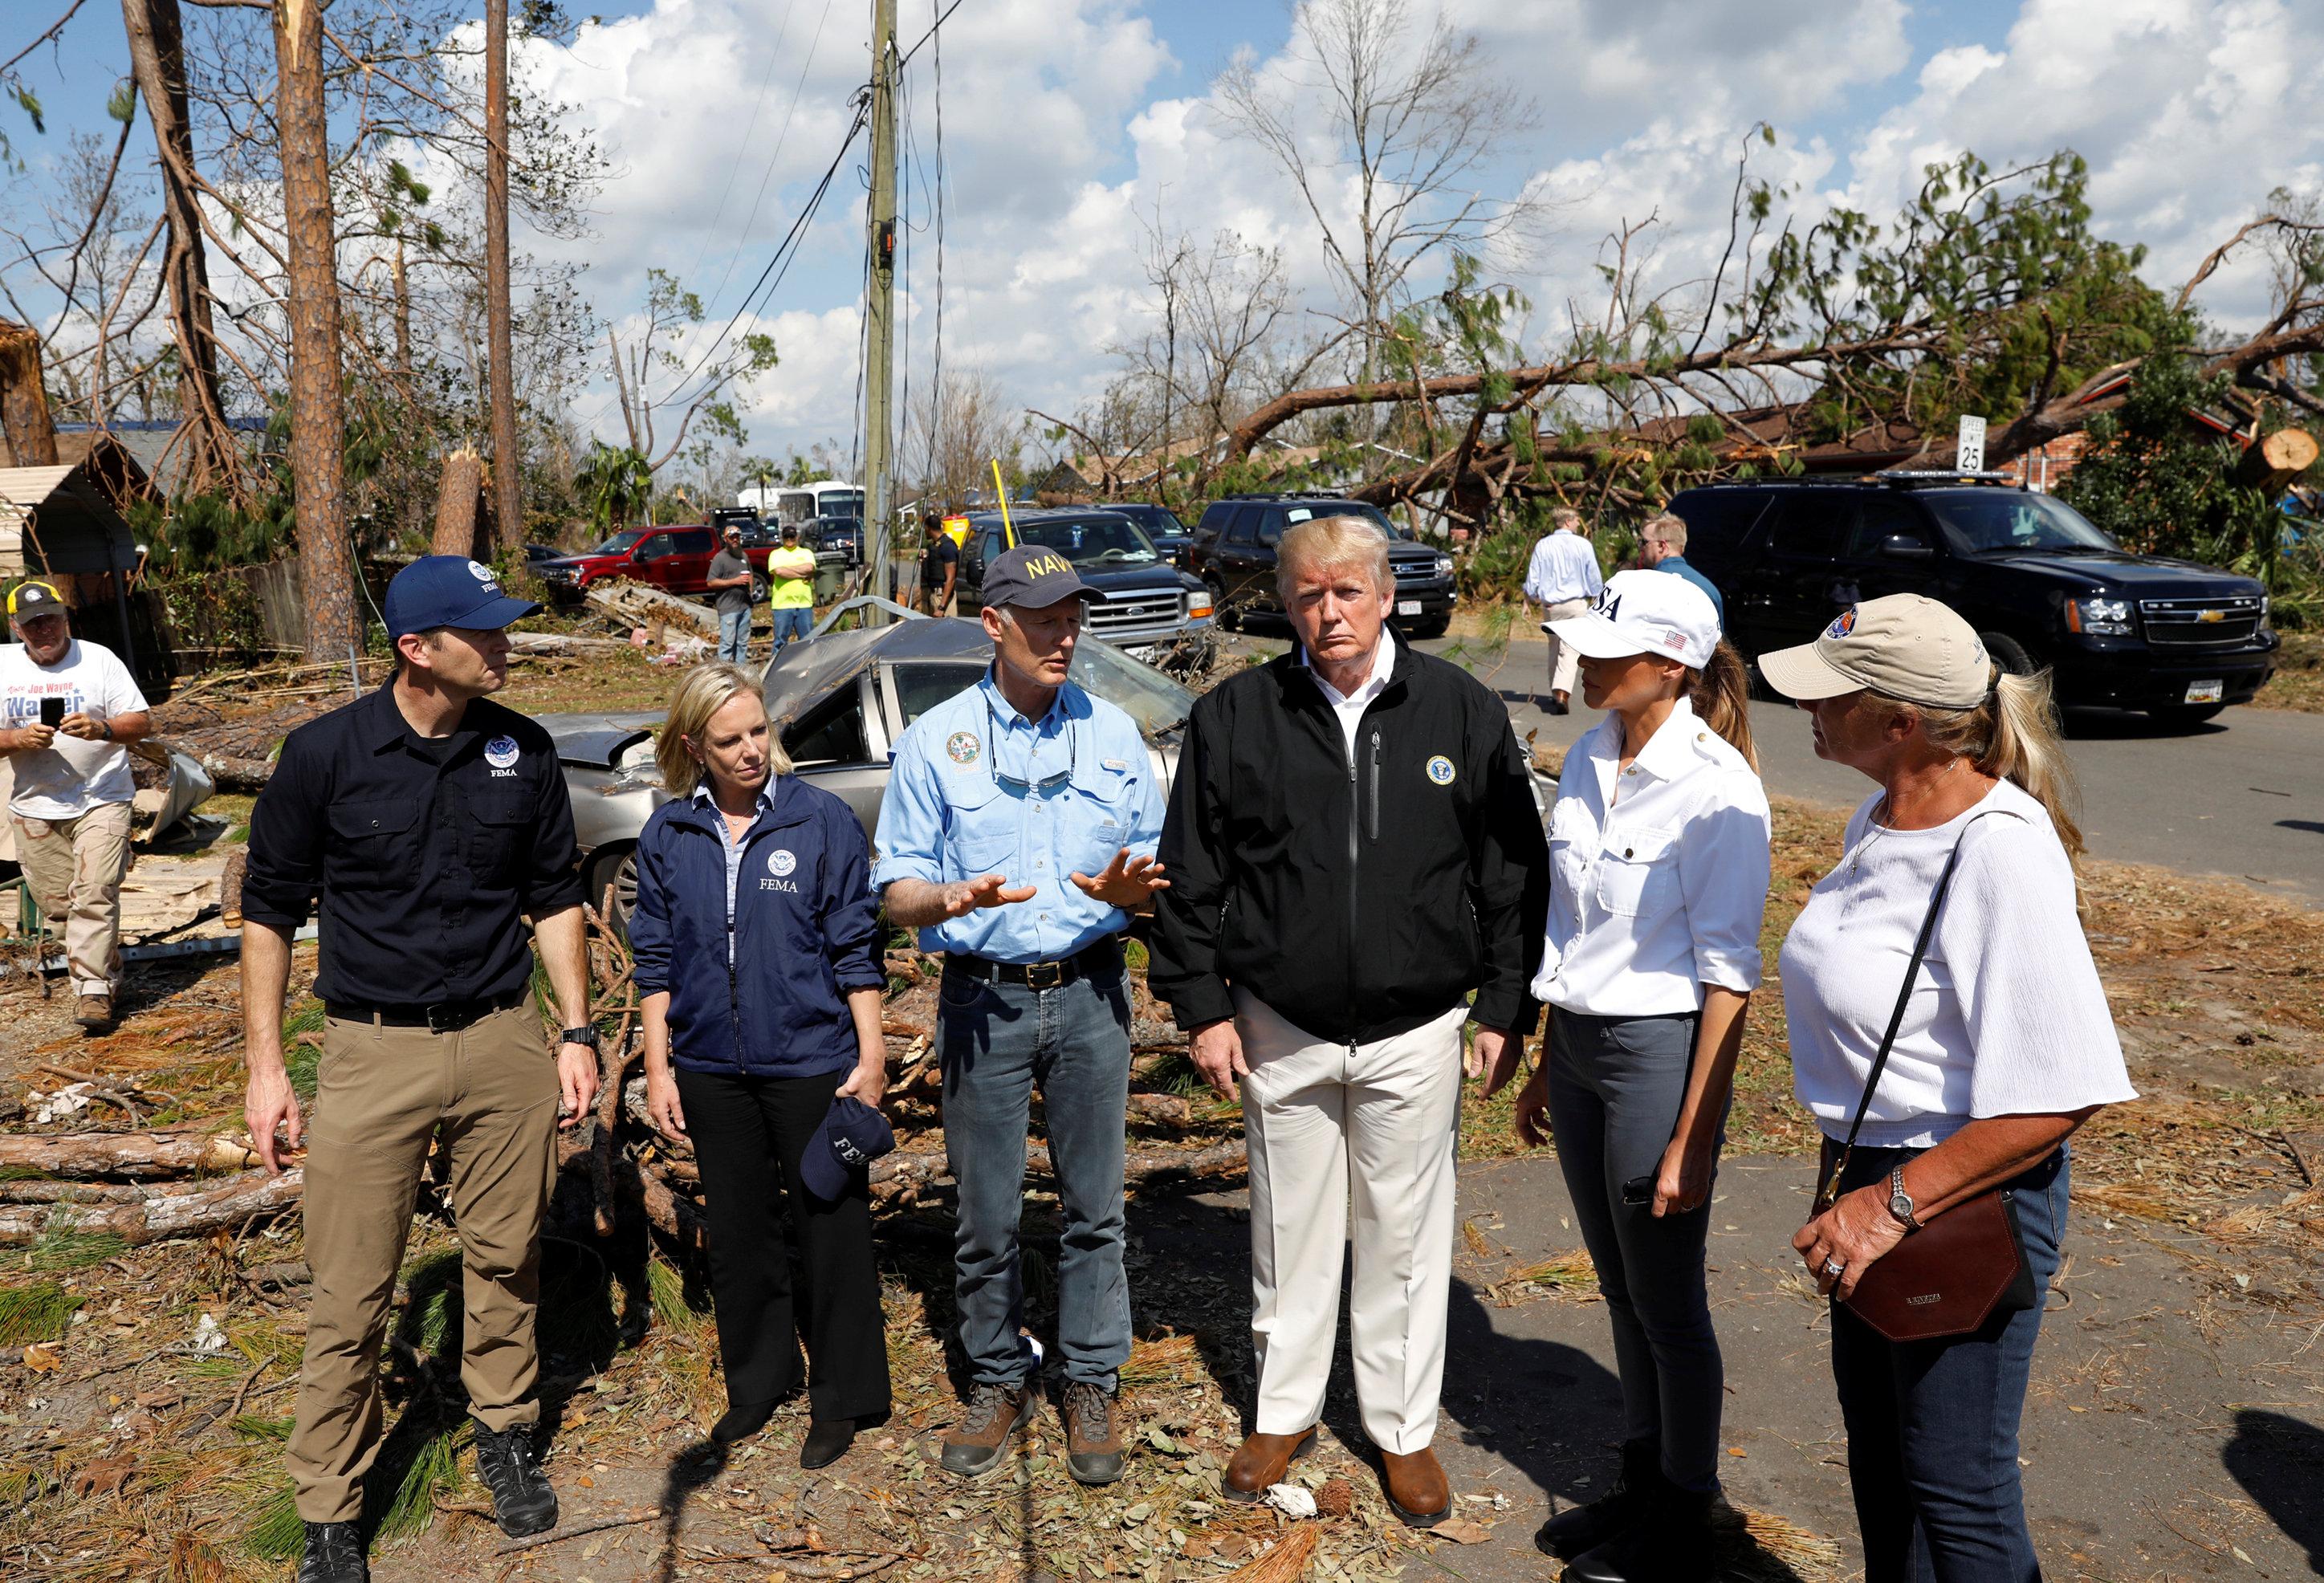 ترامب وزوجته بموقع الإعصار مايكل بولاية فلوريدا